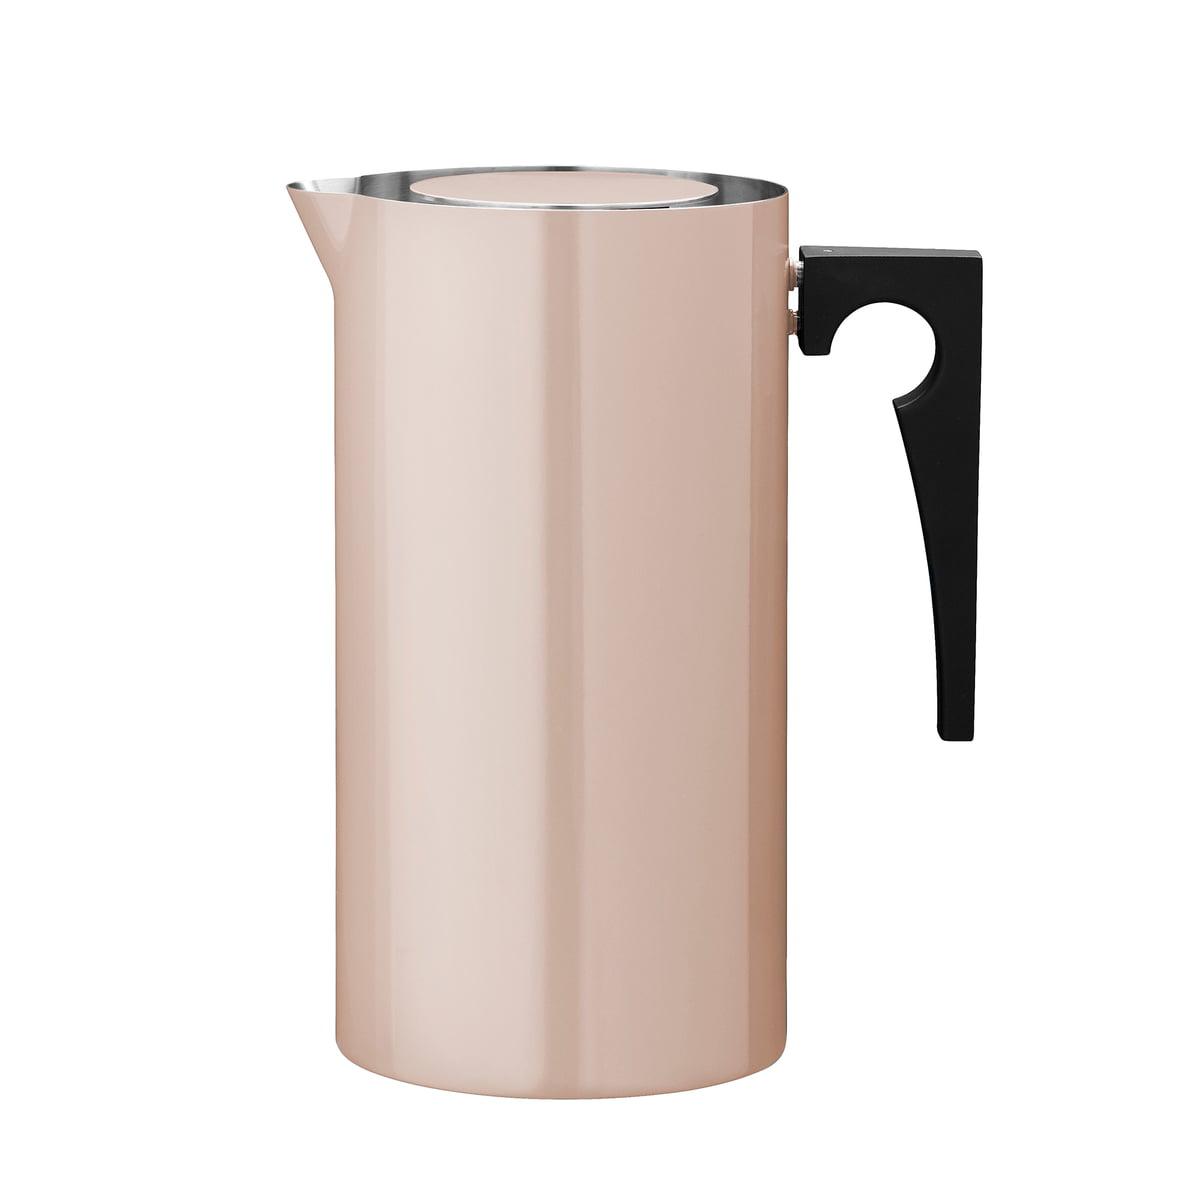 Stelton - Cylinda-Line Kaffeezubereiter 1 L, powder (50th anniversary edition) | Küche und Esszimmer > Kaffee und Tee > Teekocher | Puder | Stelton